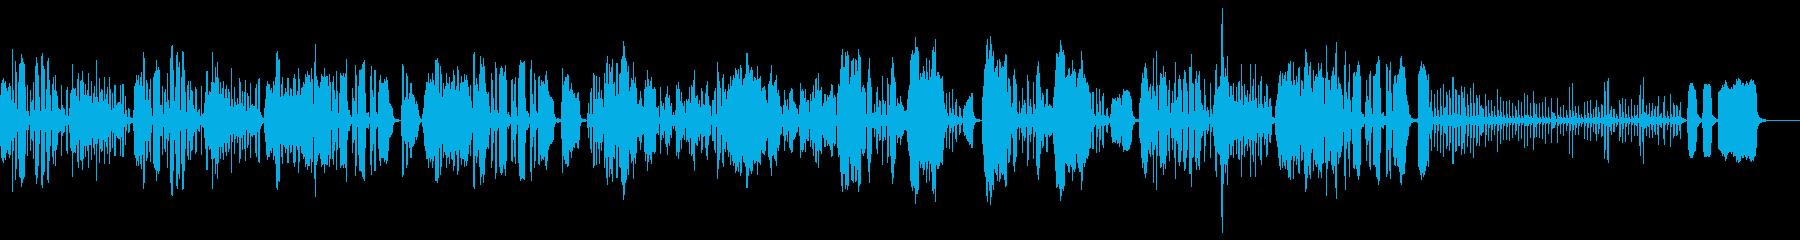 ほのぼのしたリコーダー曲の再生済みの波形